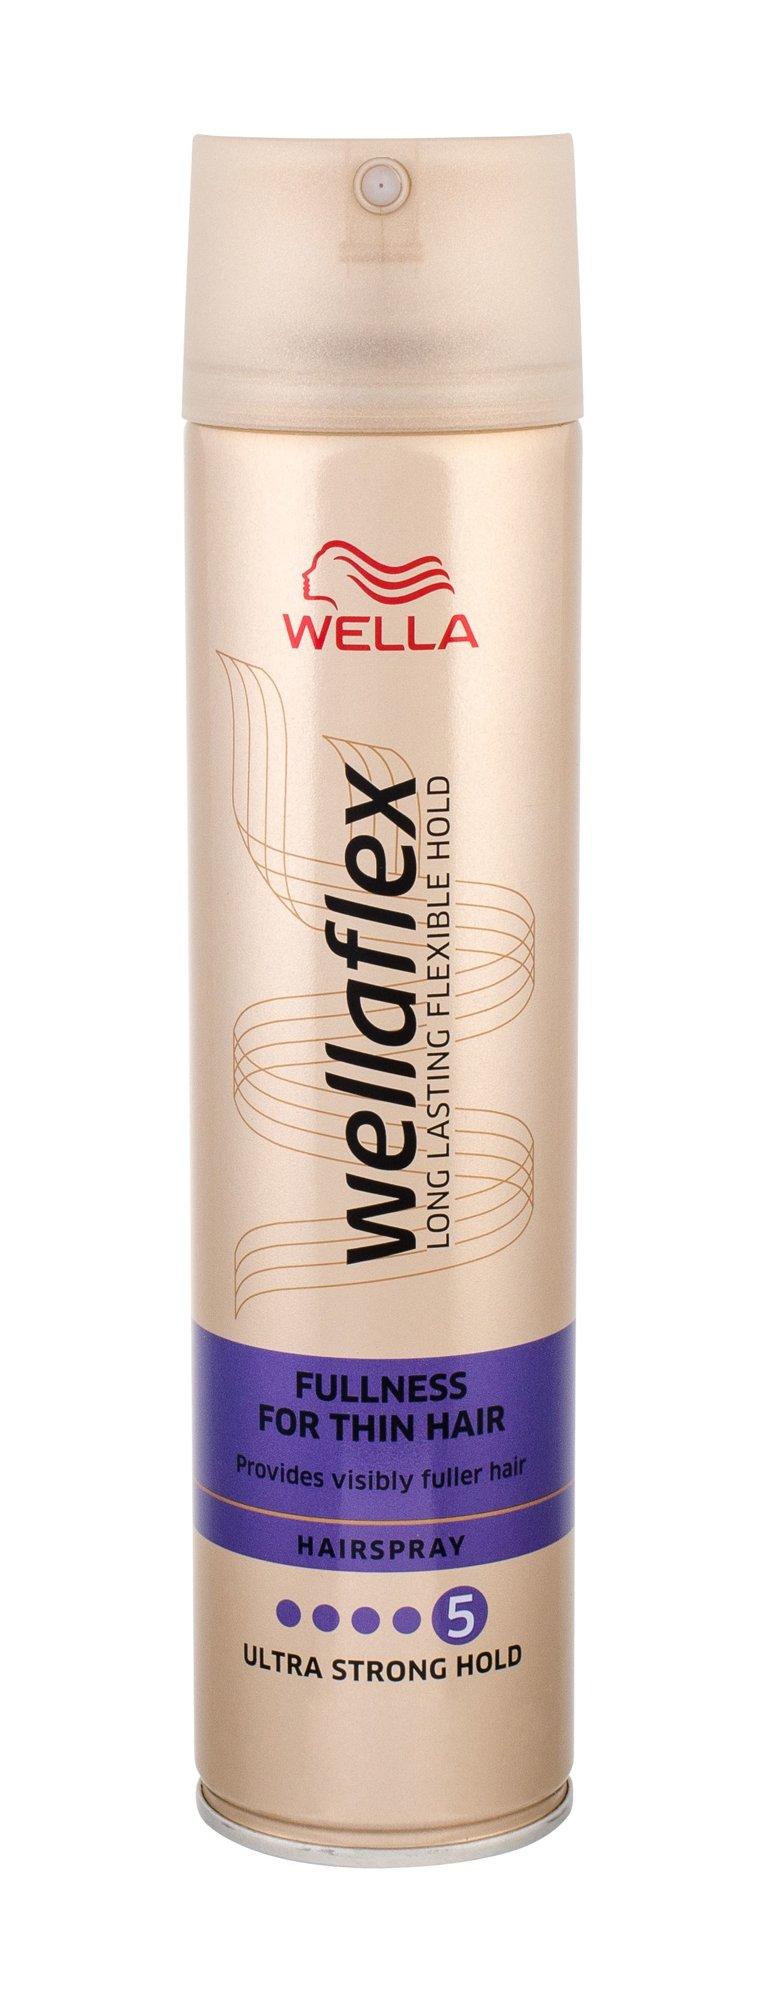 Wella Wellaflex Fullness For Thin Hair Hair Spray 250ml